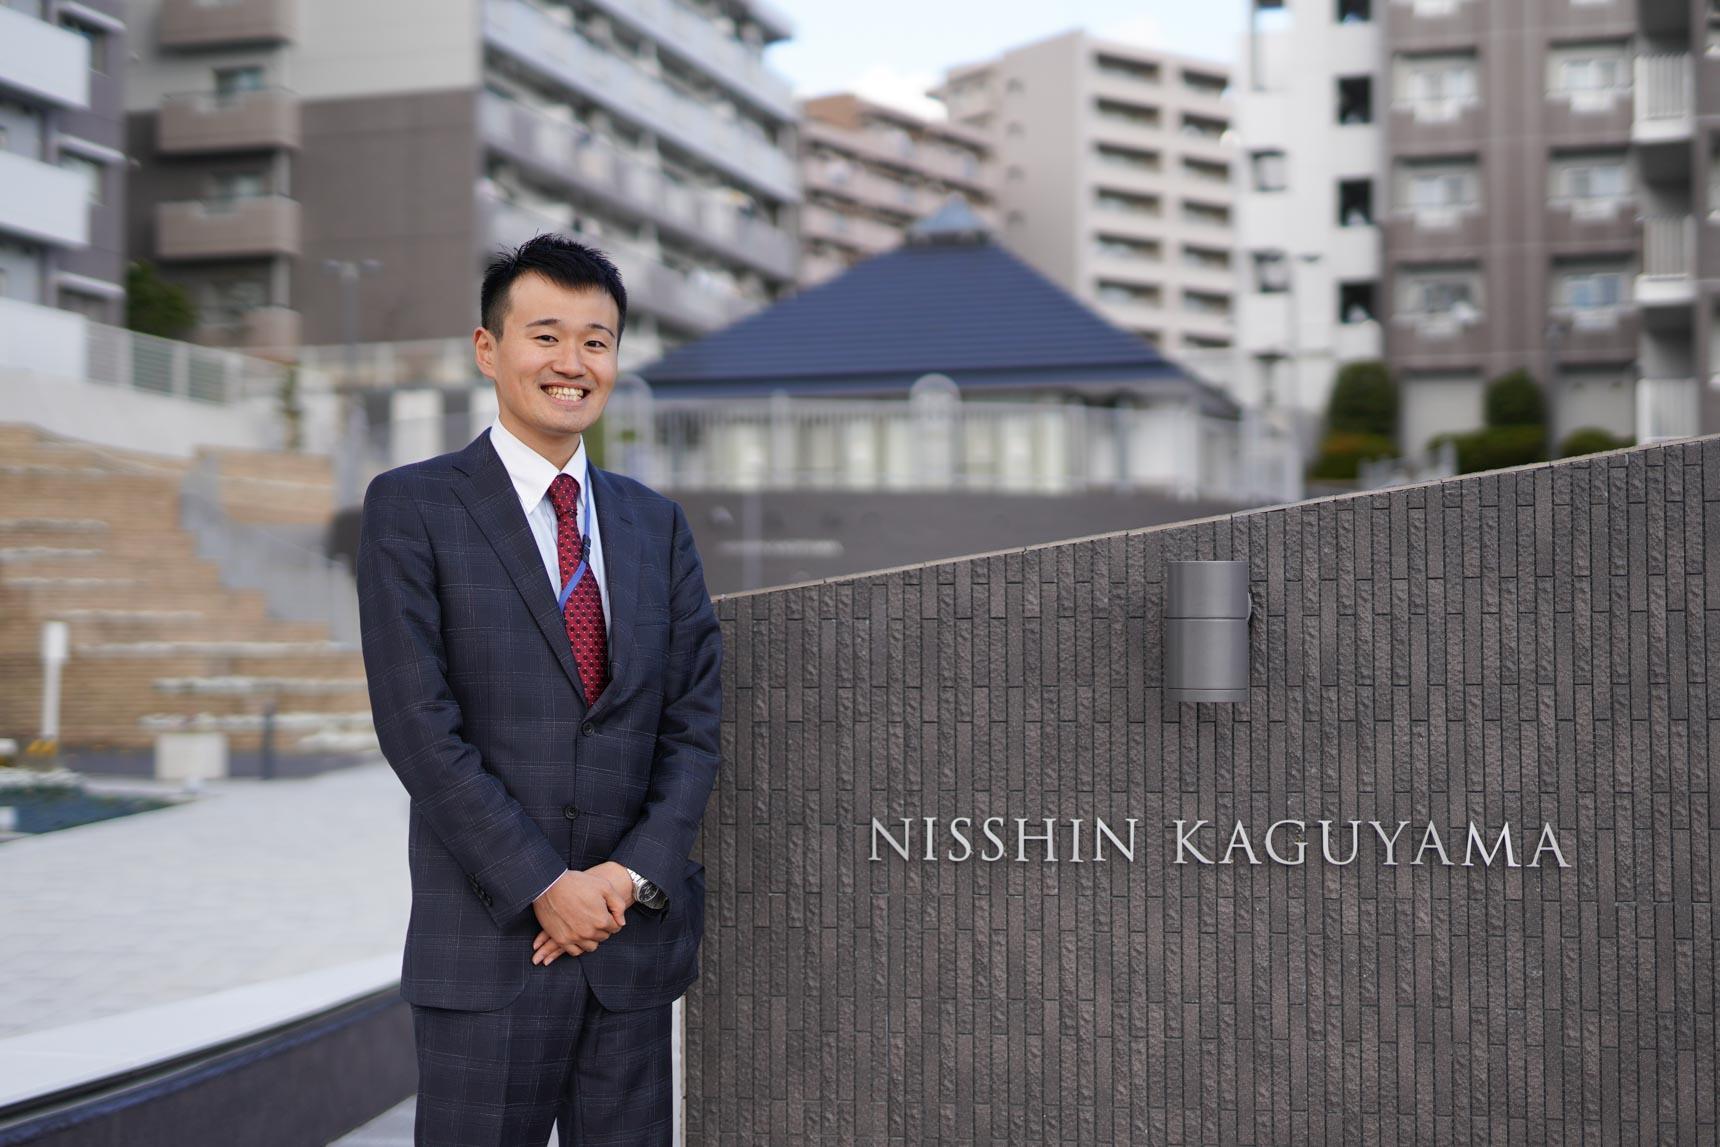 ご案内していただいたのは、UR都市機構の古檜山さんです。「NISSHIN KAGUYAMA」のサインも真新しく、かっこいいですね!